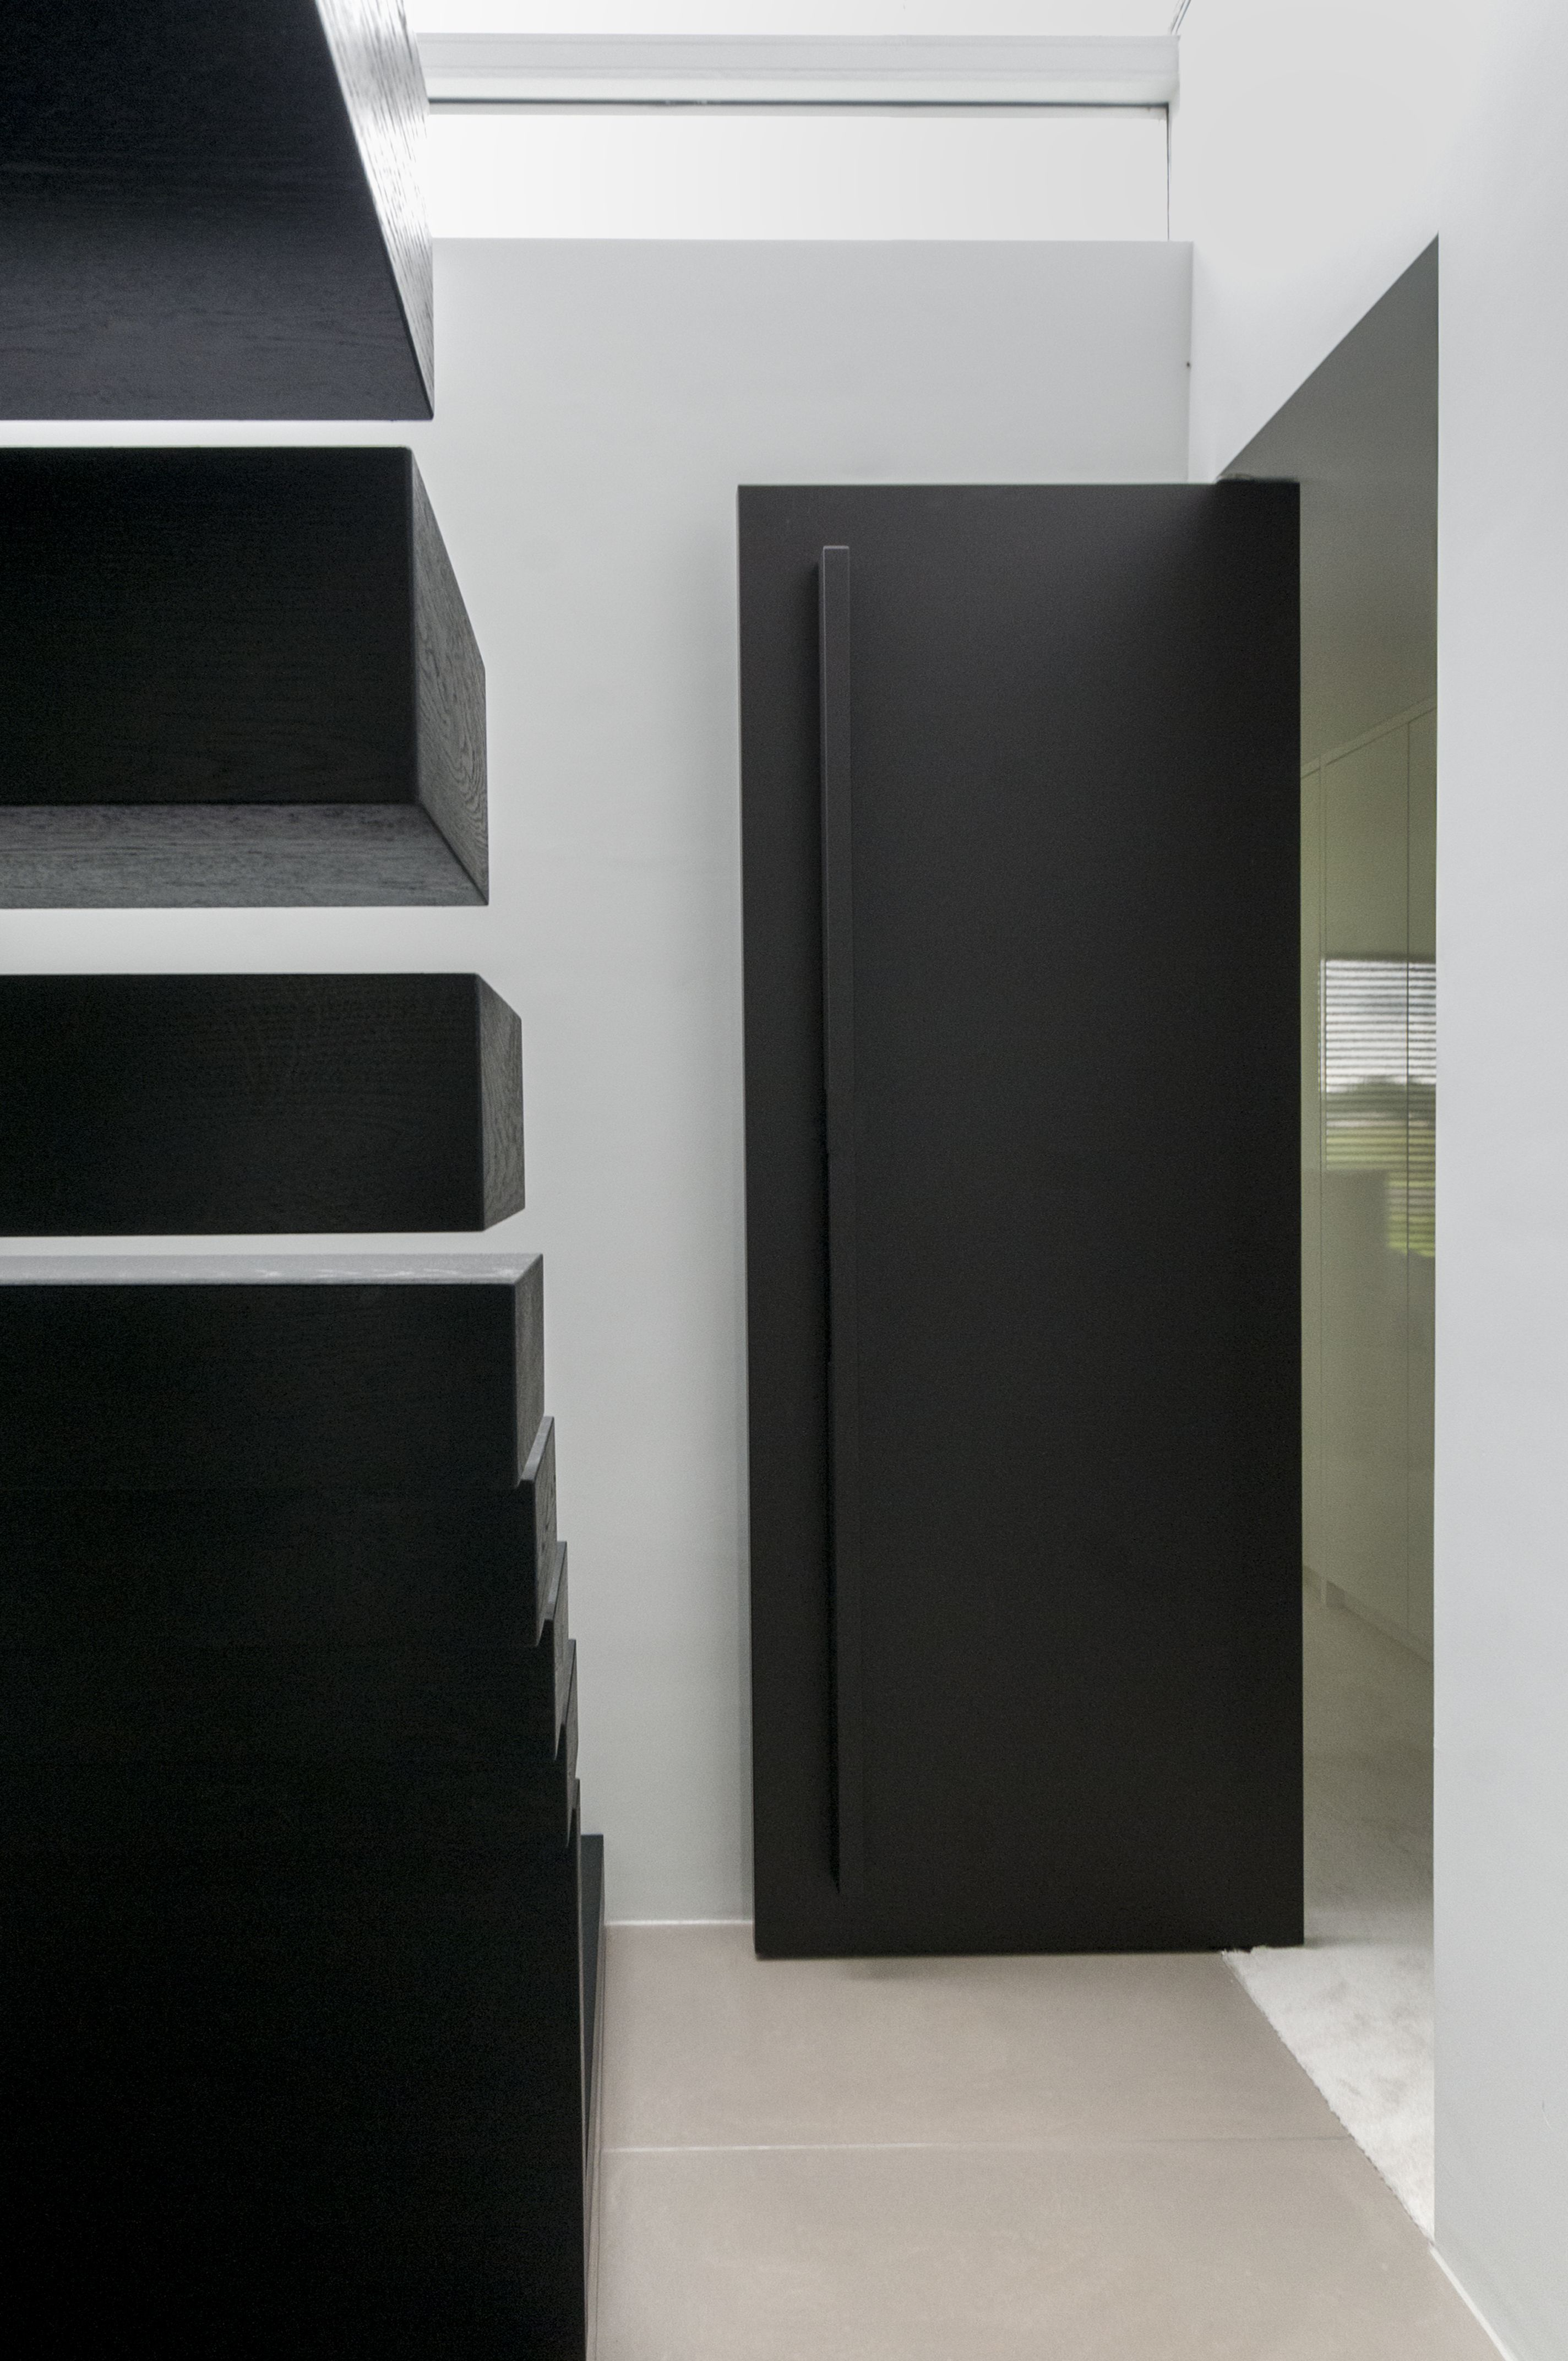 puerta interior pivotante moergestel puerta negra elegante sofisticada conu